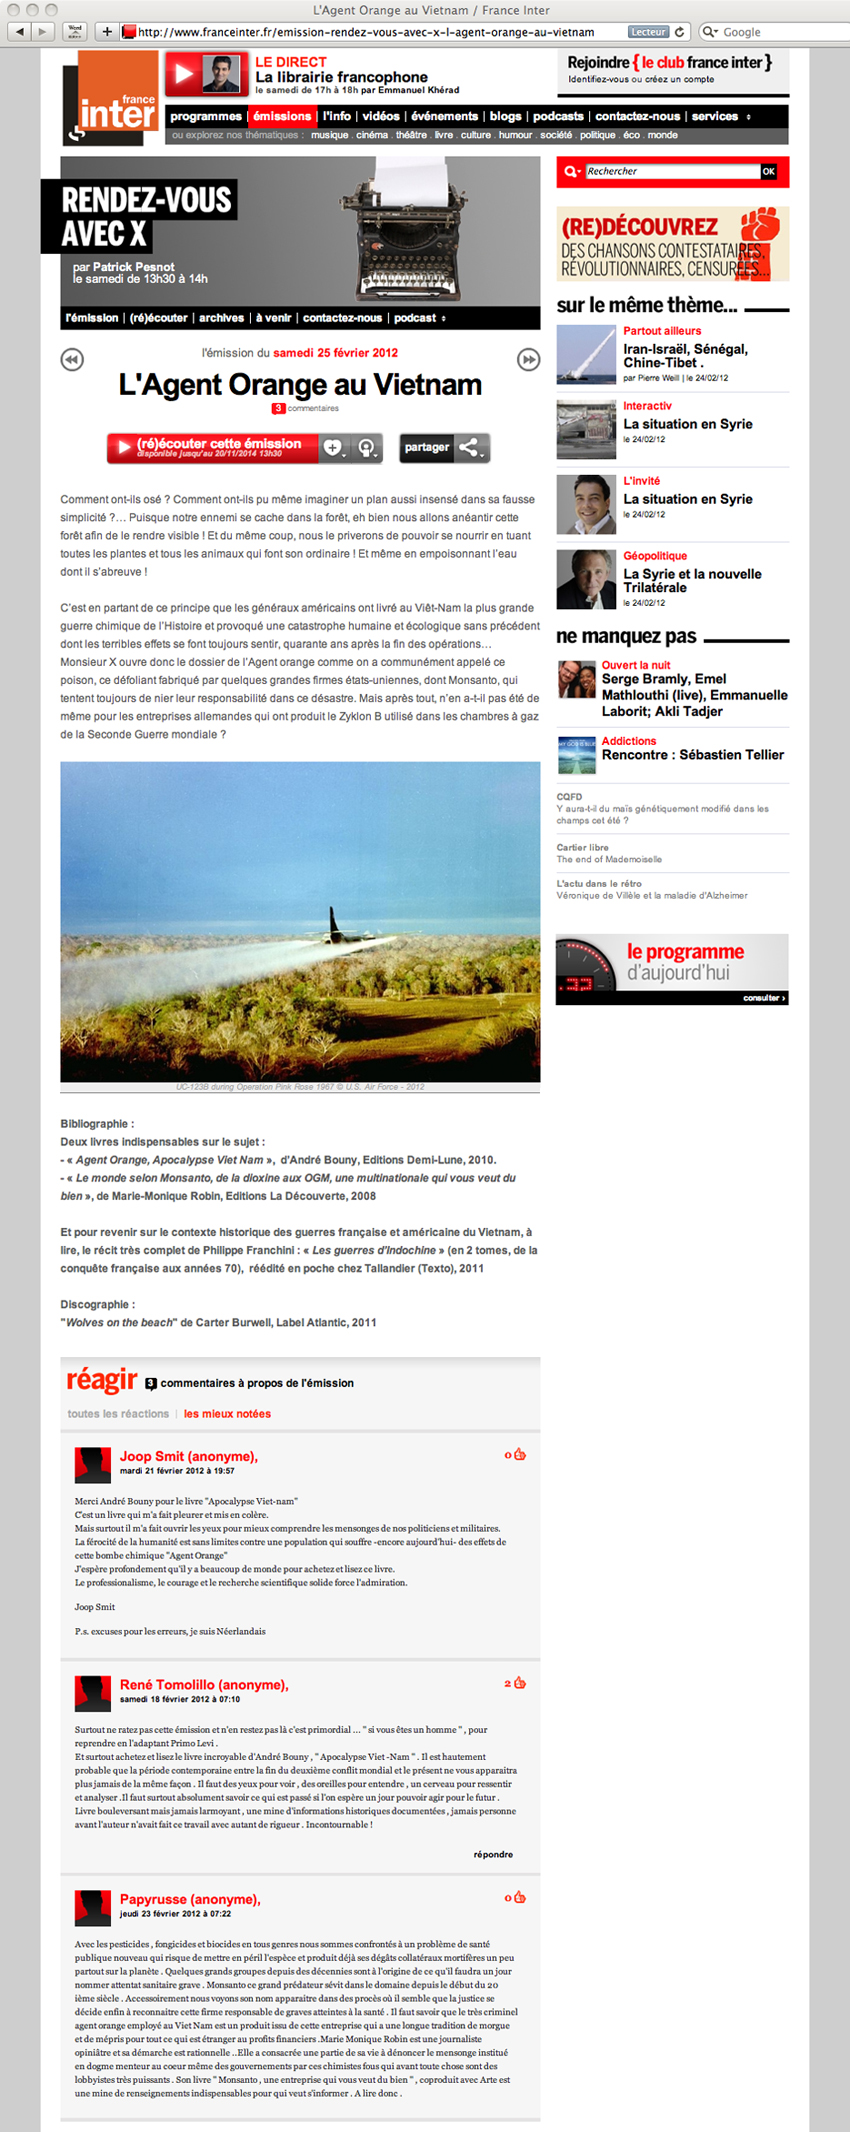 Viet rencontres websites in